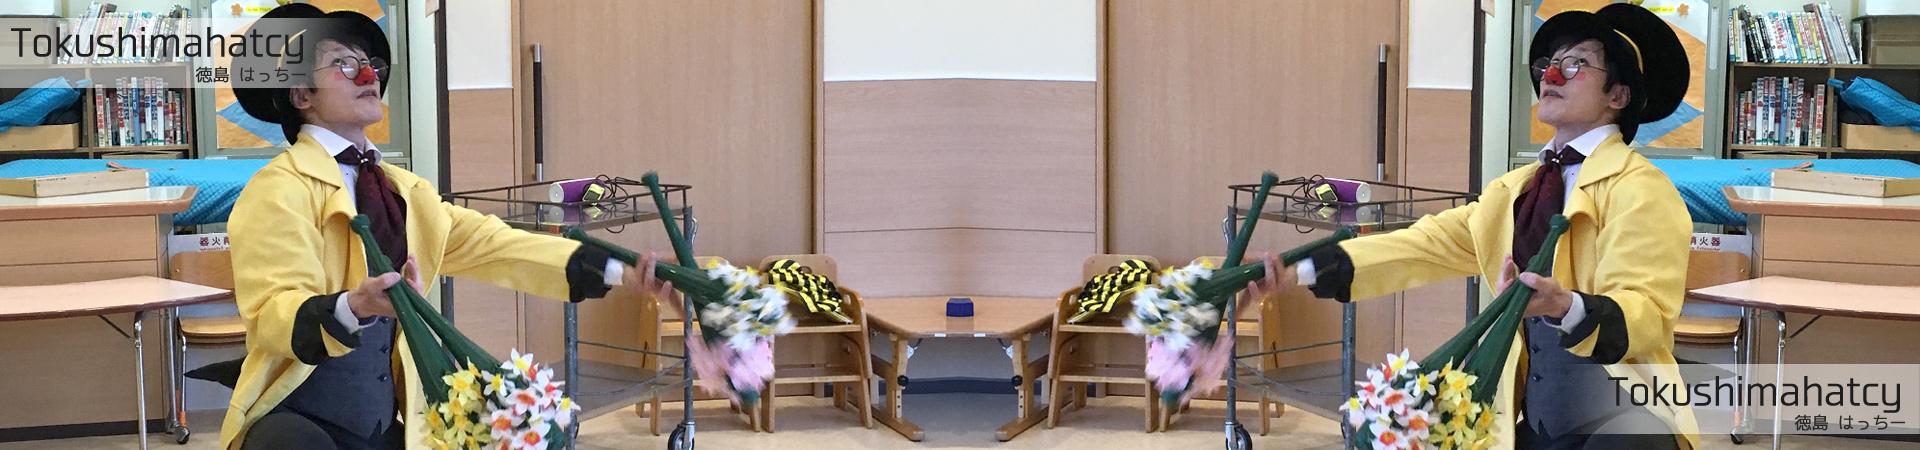 tokushimahatchy TOP